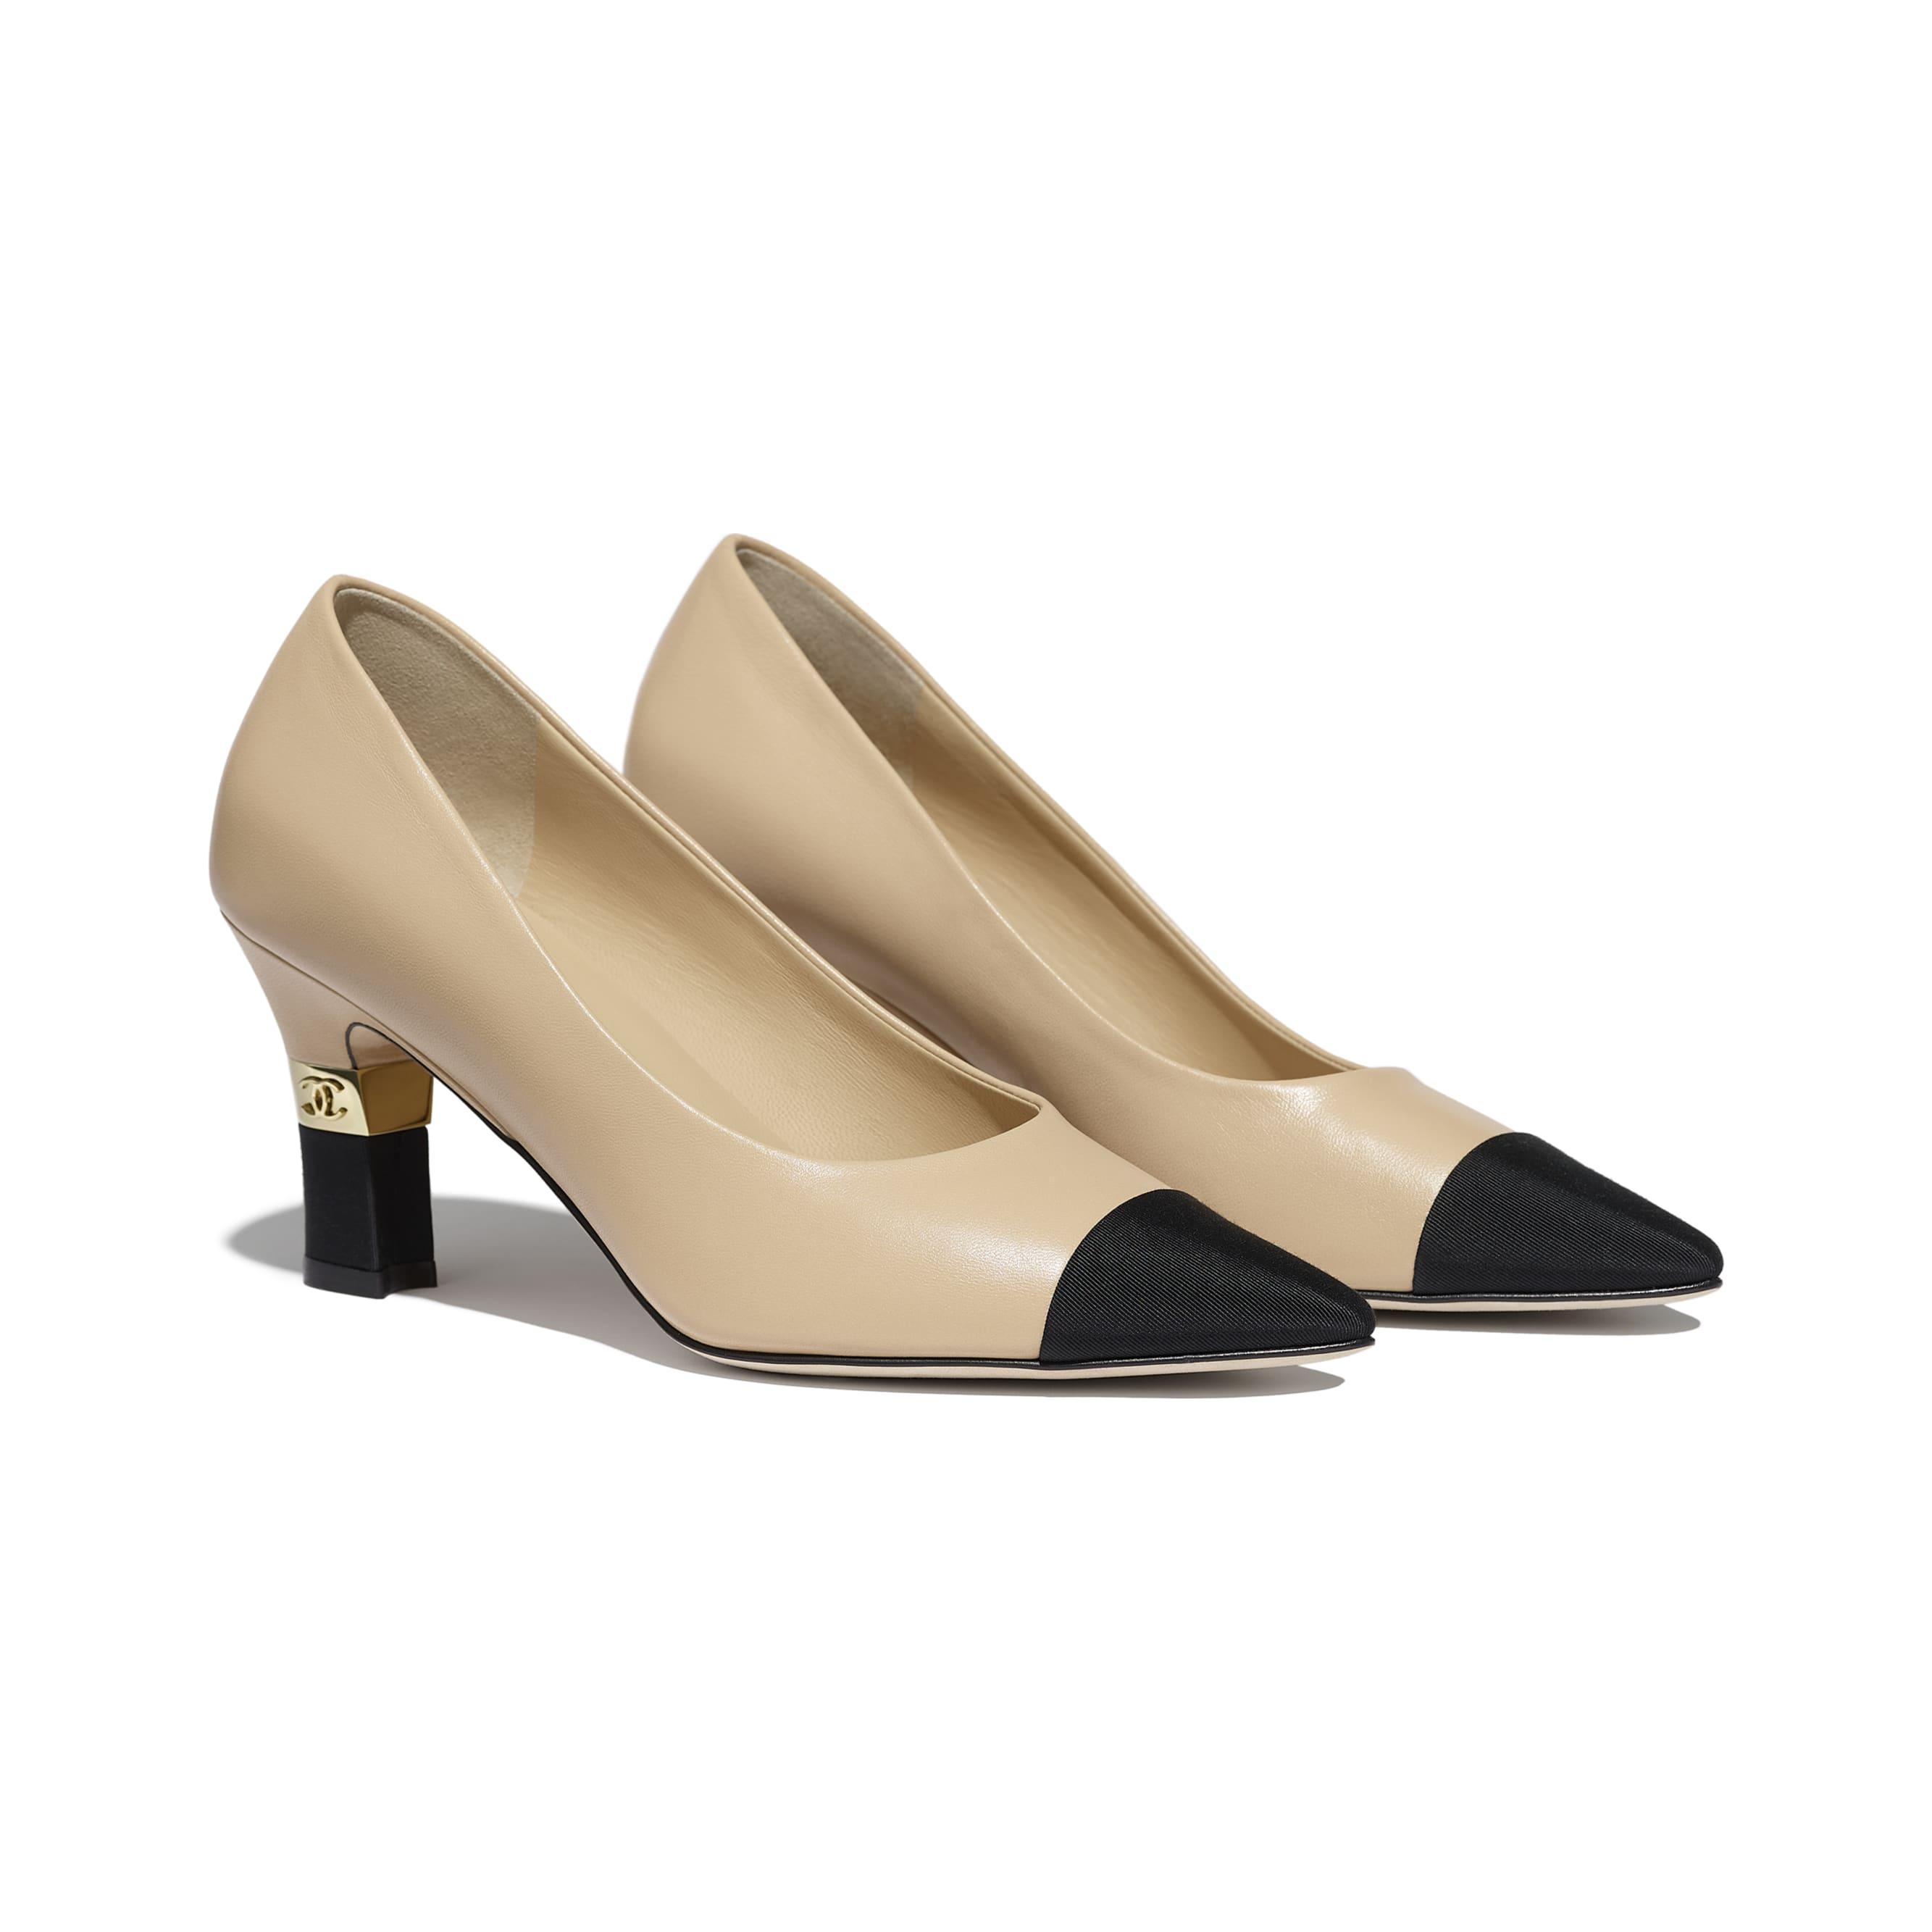 รองเท้าส้นสูงหุ้มส้น - สีเบจและสีดำ - หนังแกะและผ้าโกรเกรน - มุมมองทางอื่น - ดูเวอร์ชันขนาดมาตรฐาน